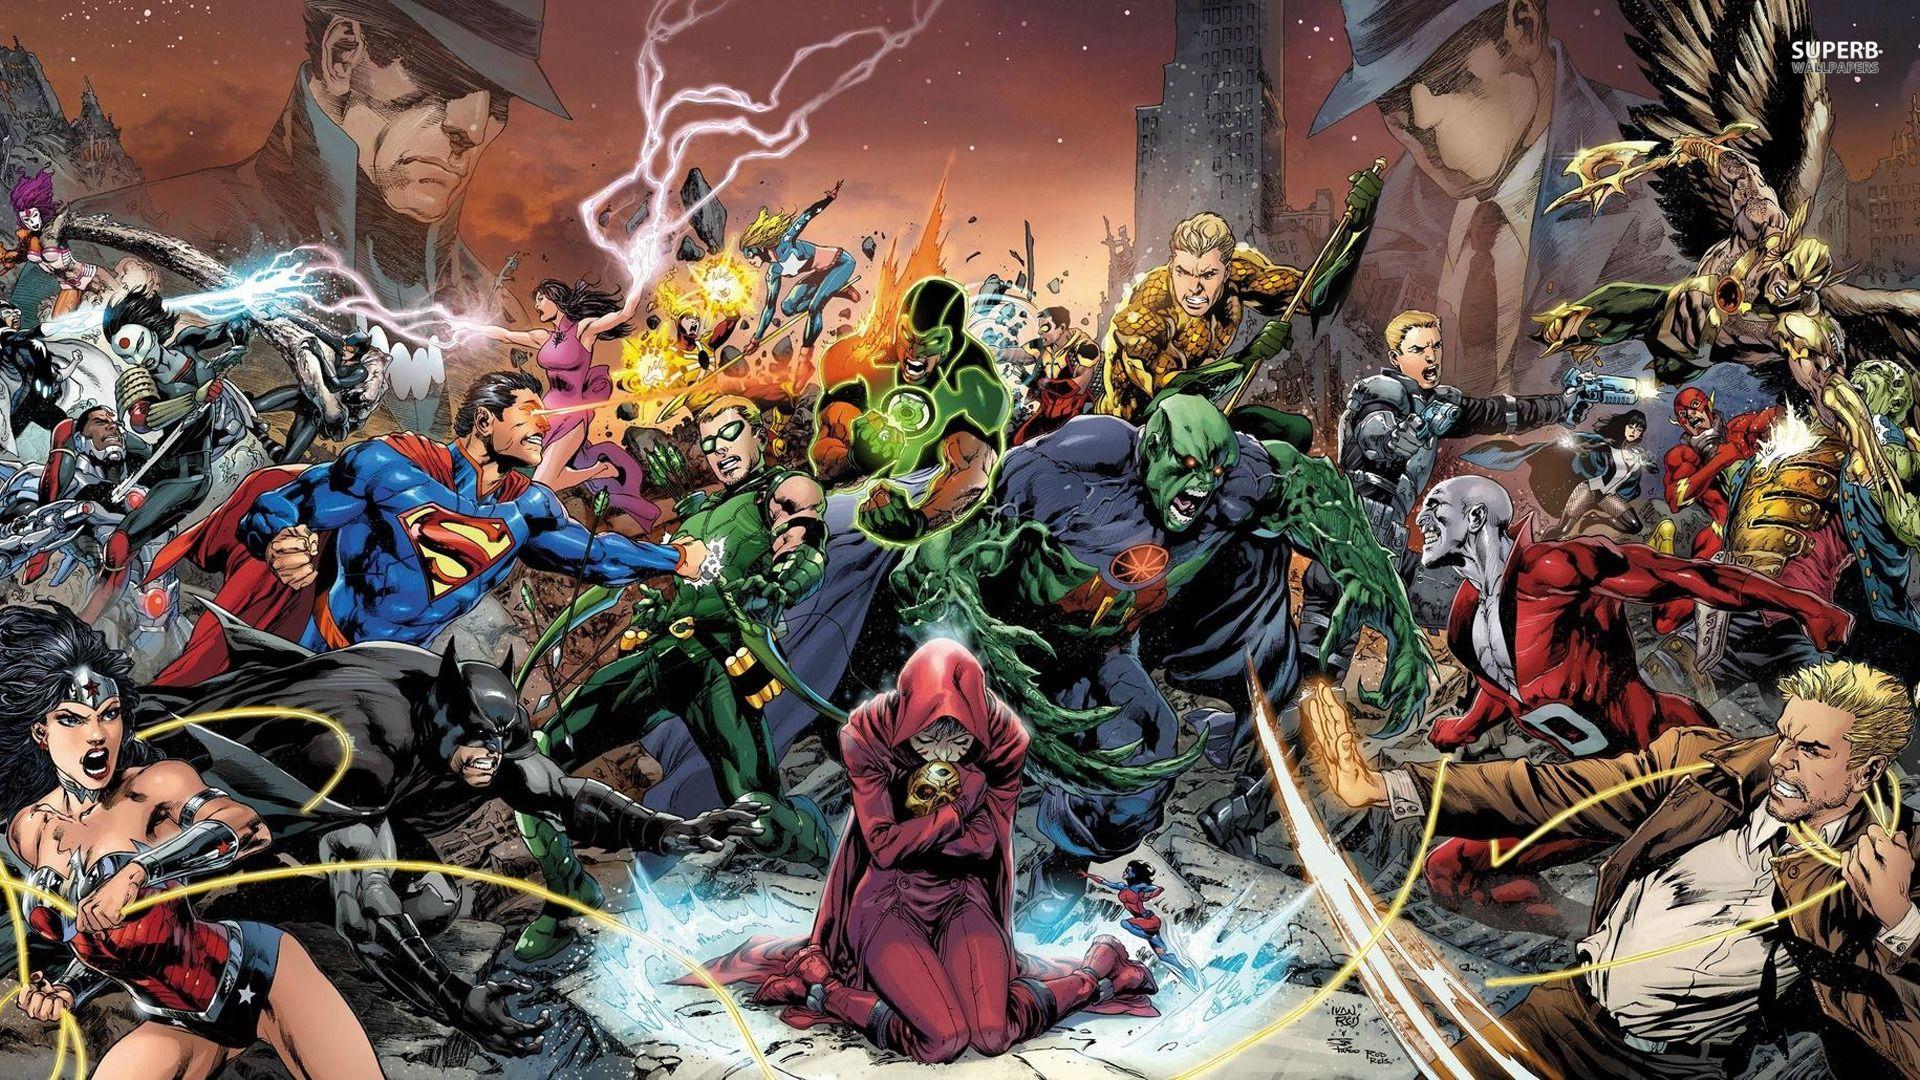 Justice League, DC Comics, Superhero, Aquaman, Green